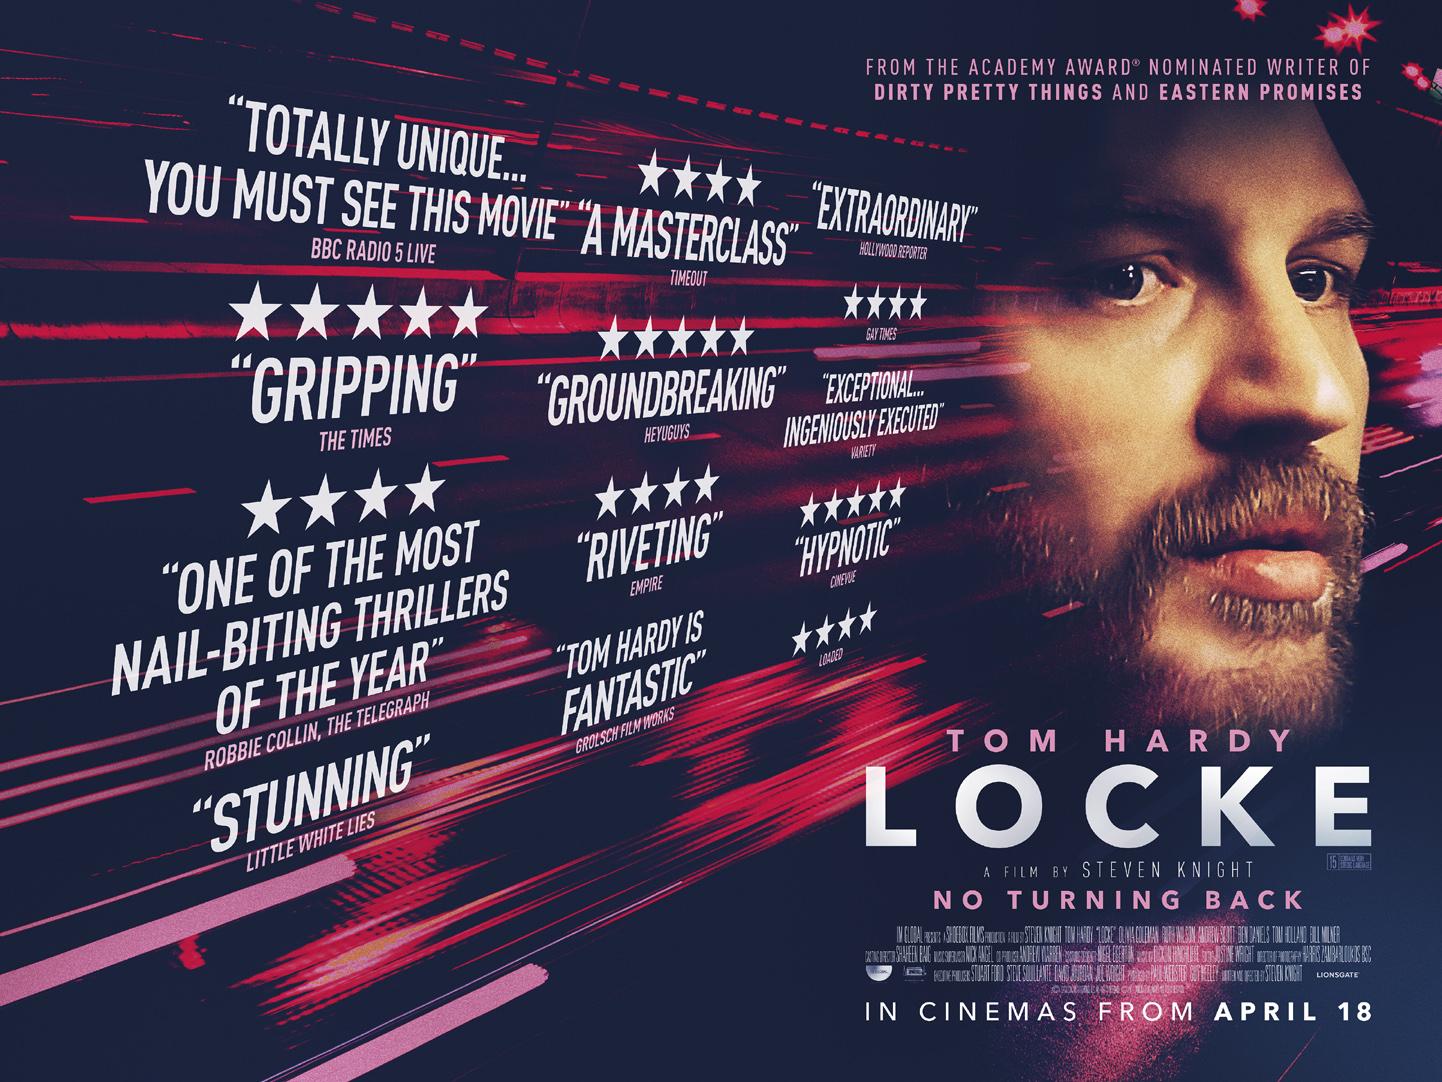 Hollywood star Tom Hardy plays a Birmingham construction foreman in new film Locke